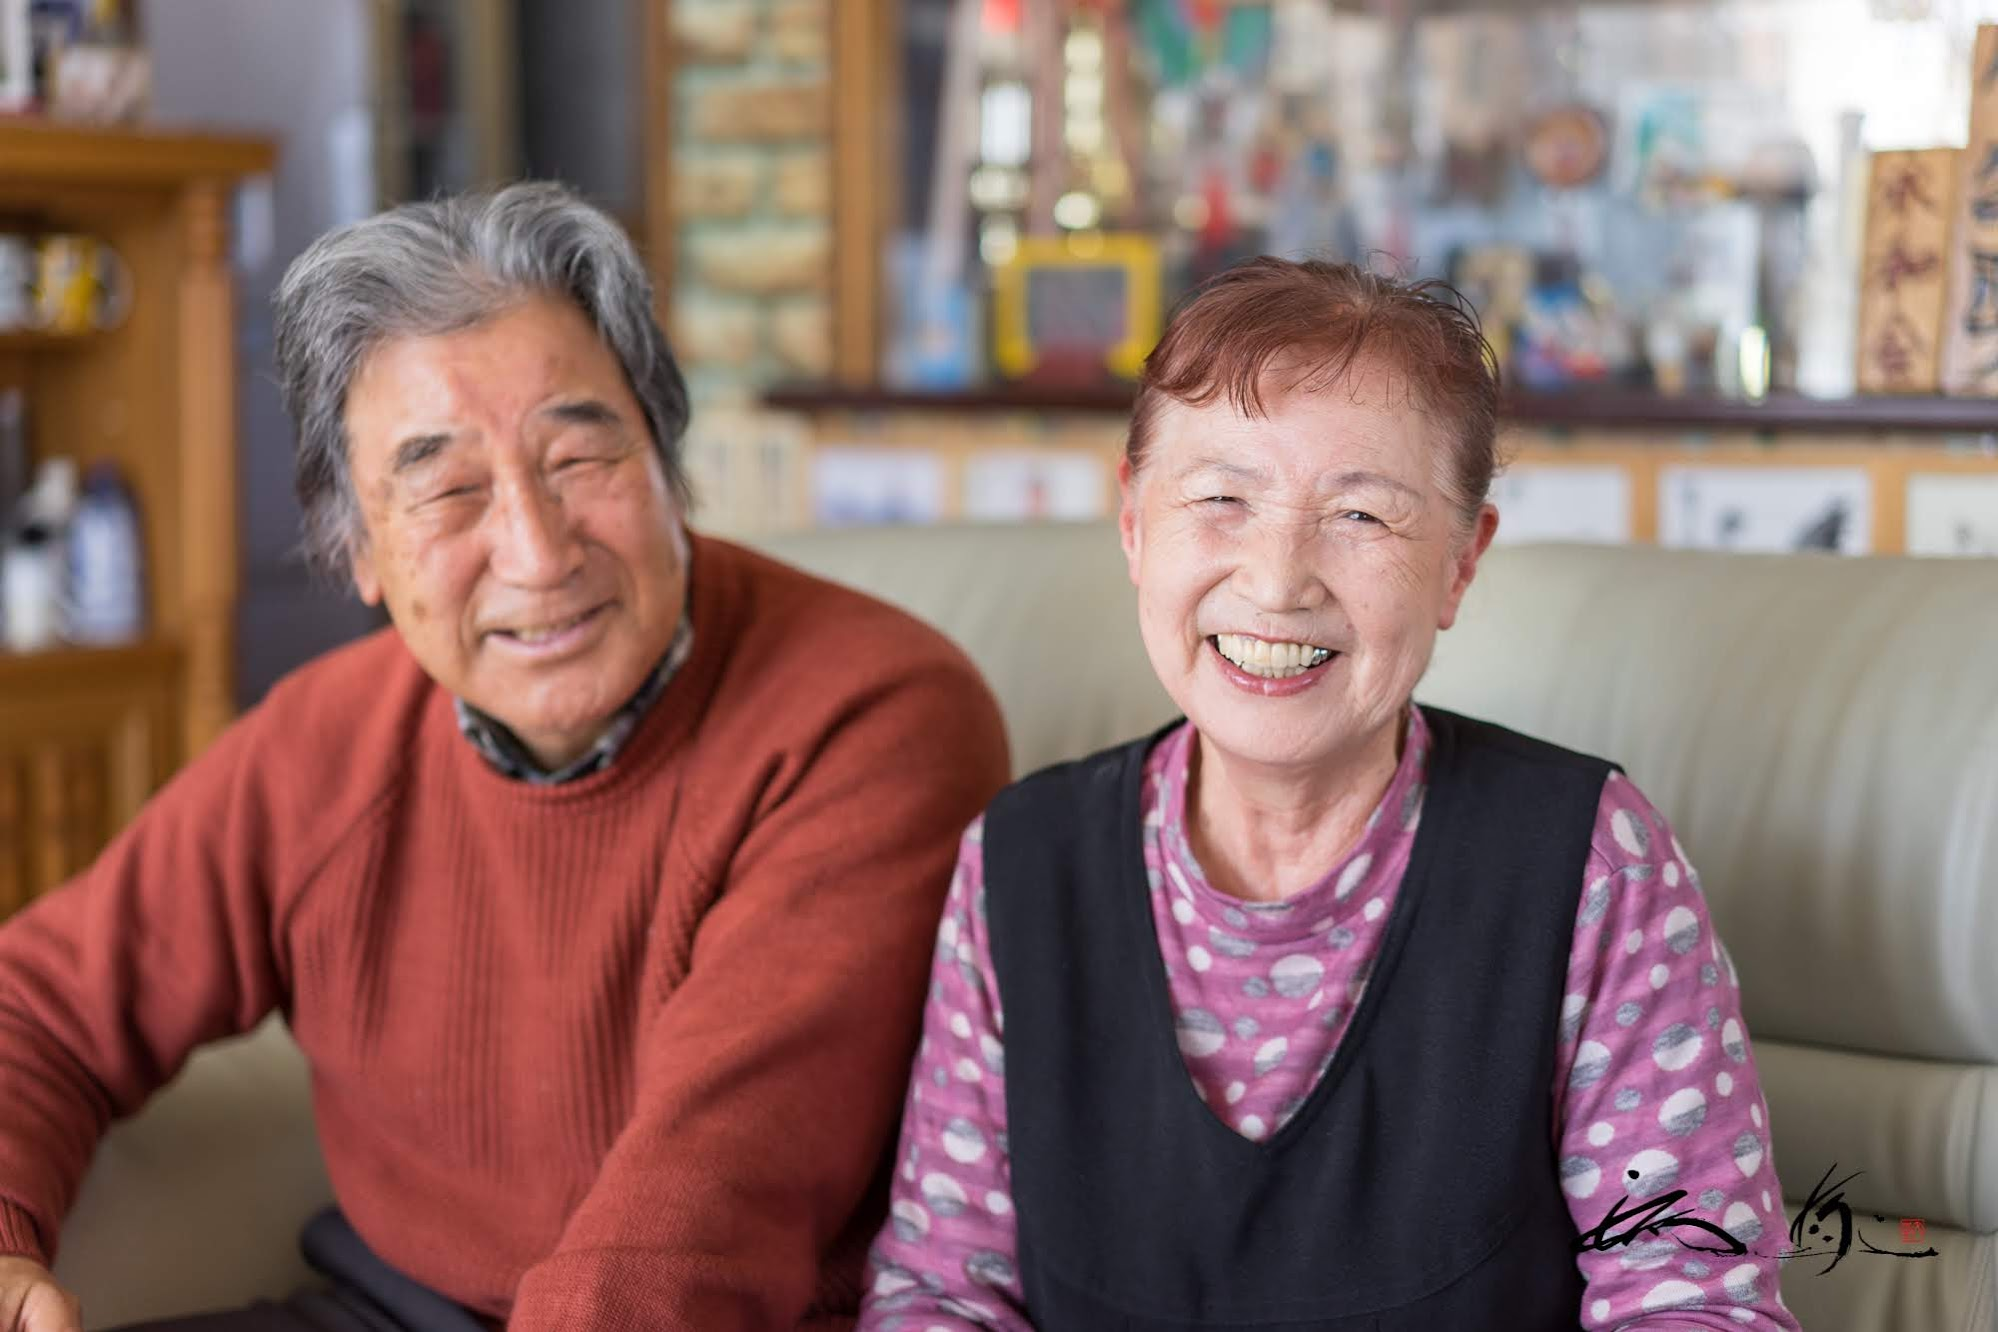 山田さんご夫妻揃って素敵な笑顔♡